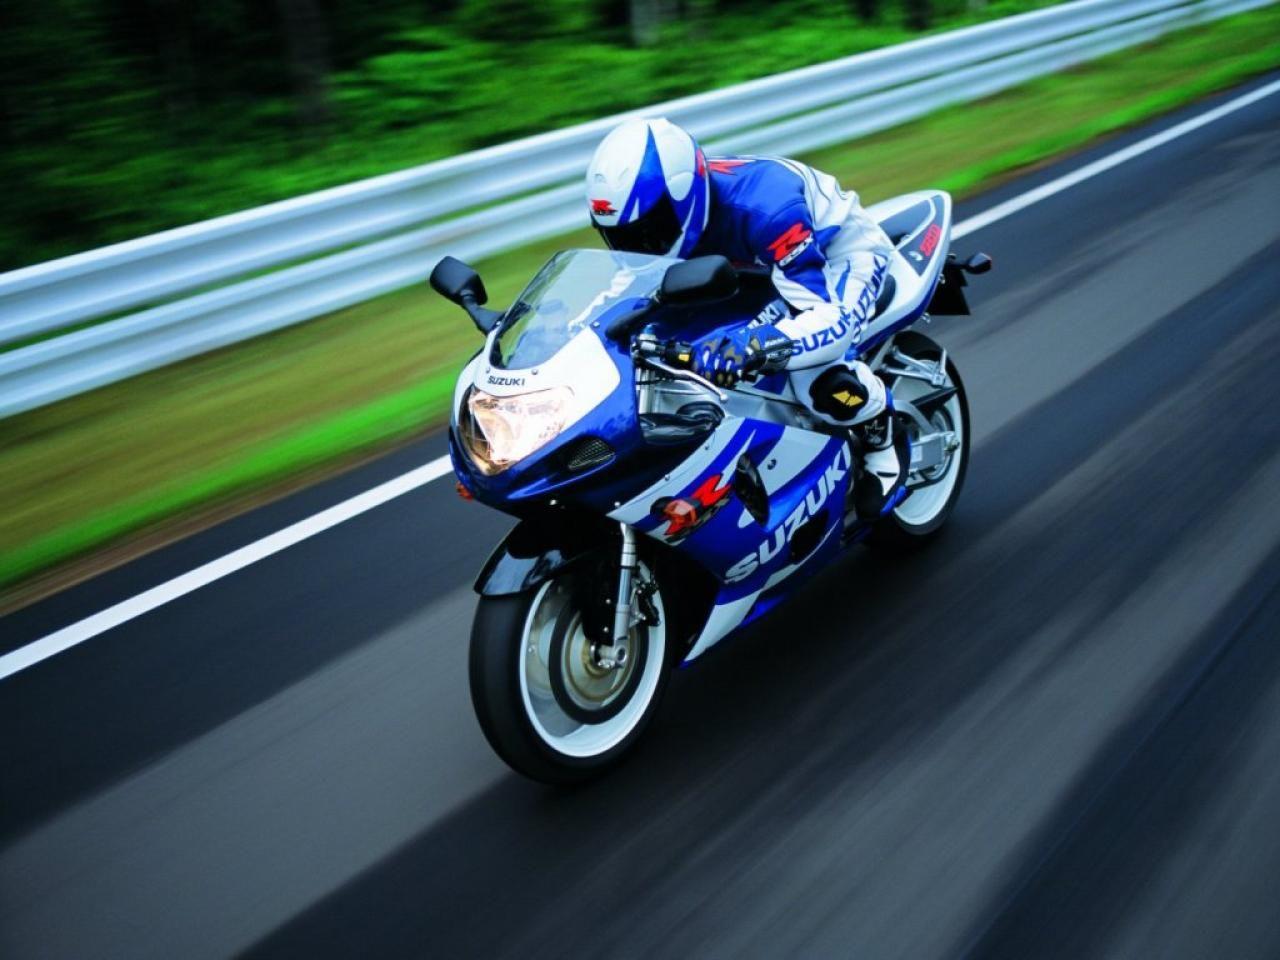 Suzuki gsx r750 wallpapers hd 10